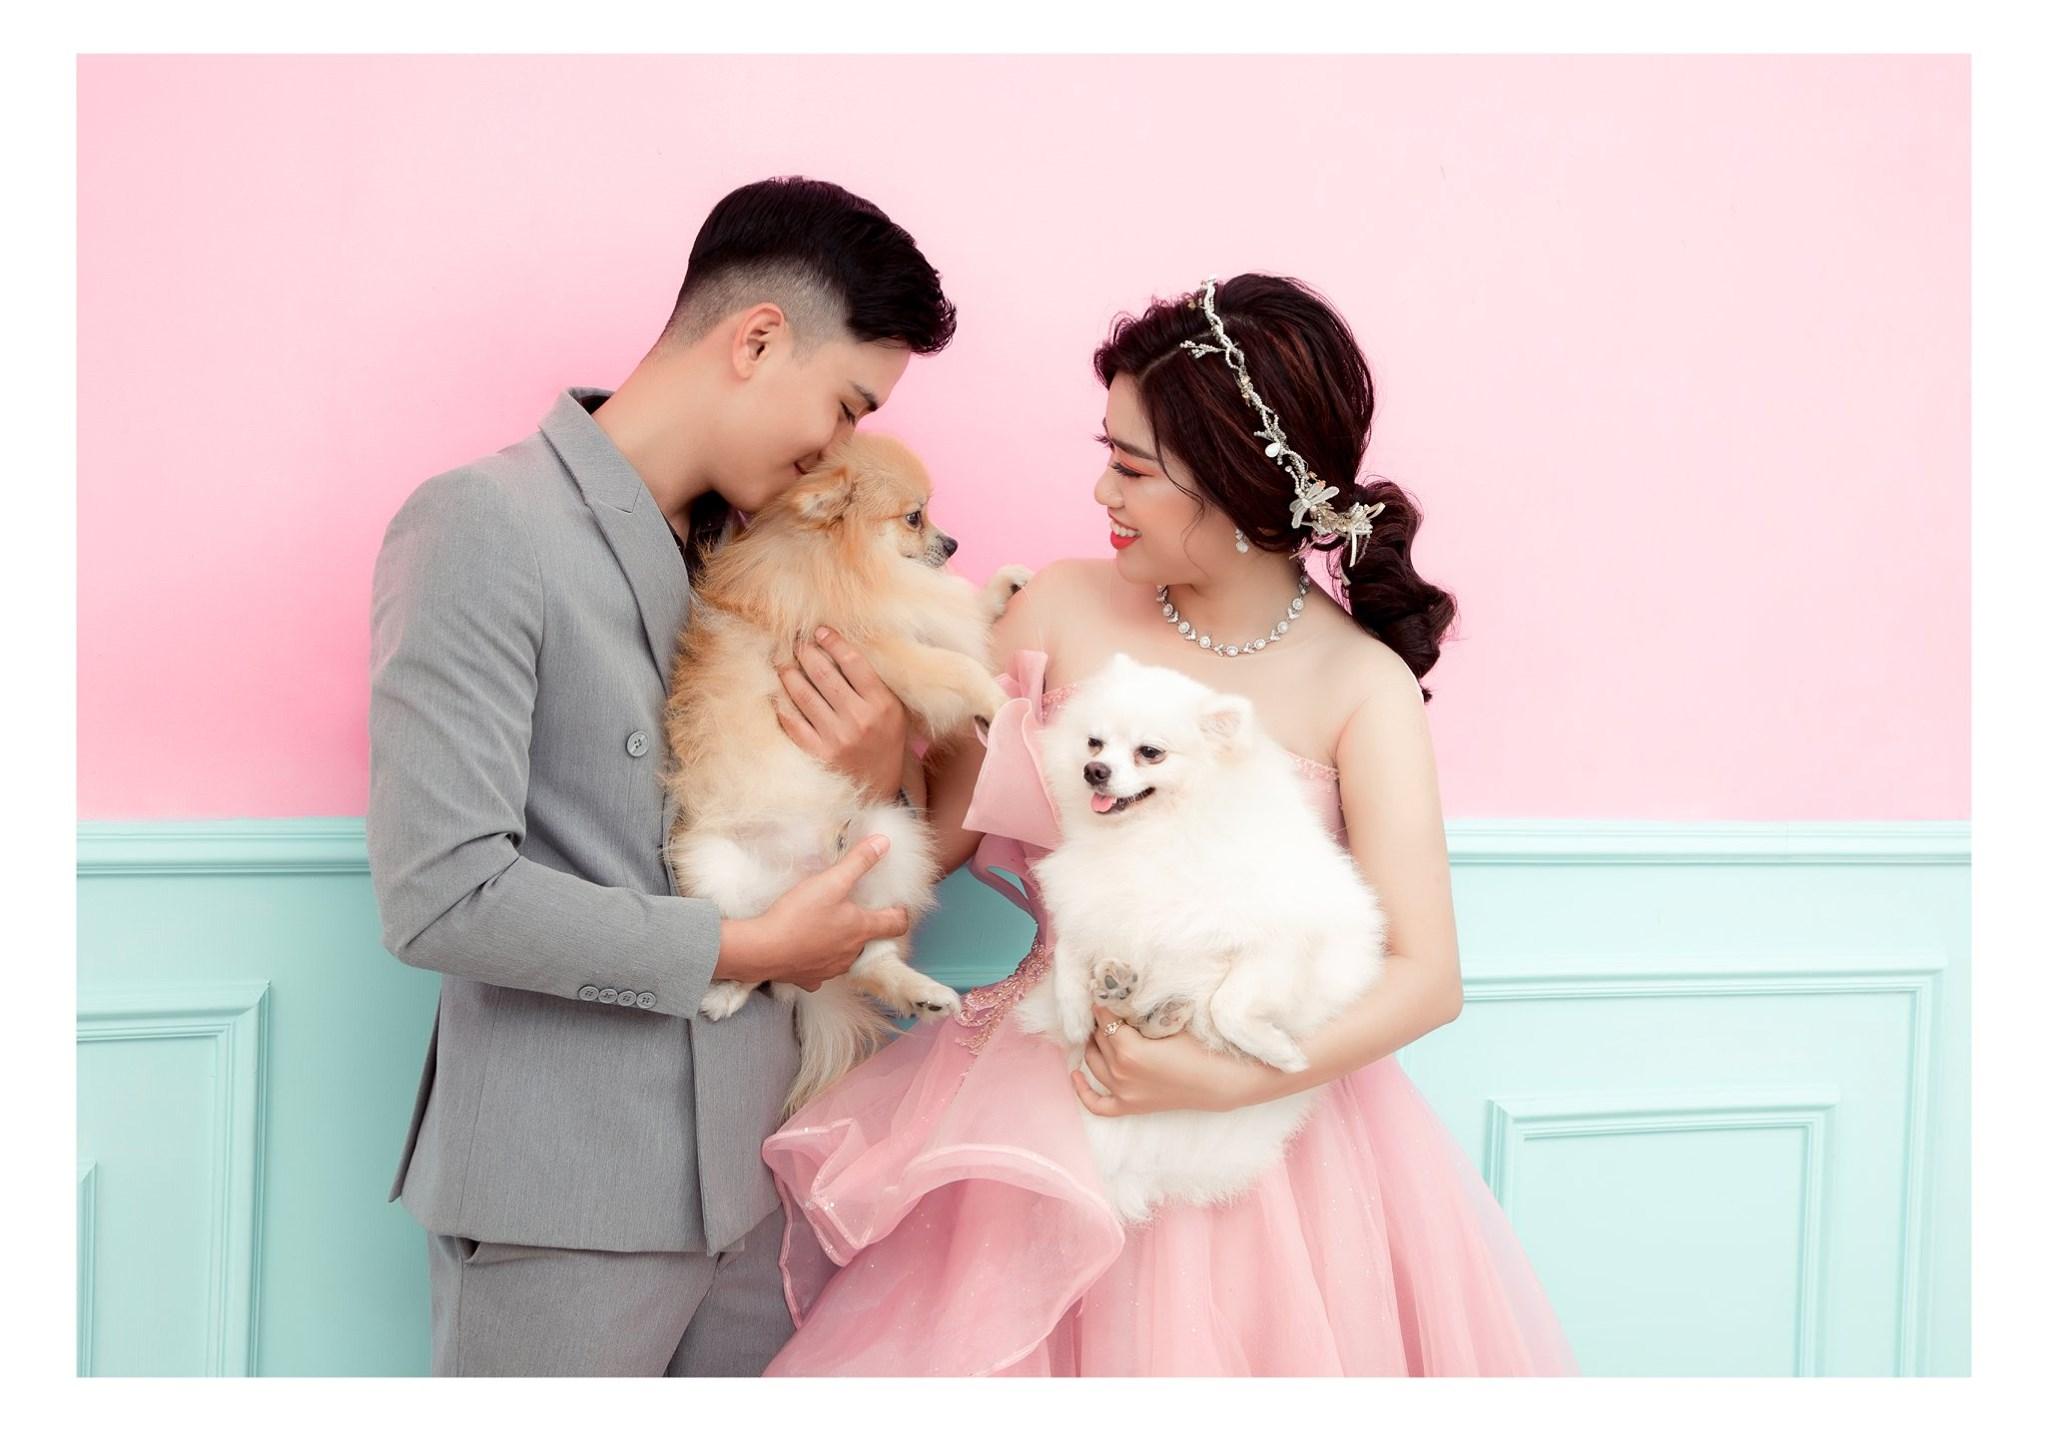 chụp ảnh cưới ở Kiên Giang hình ảnh 1